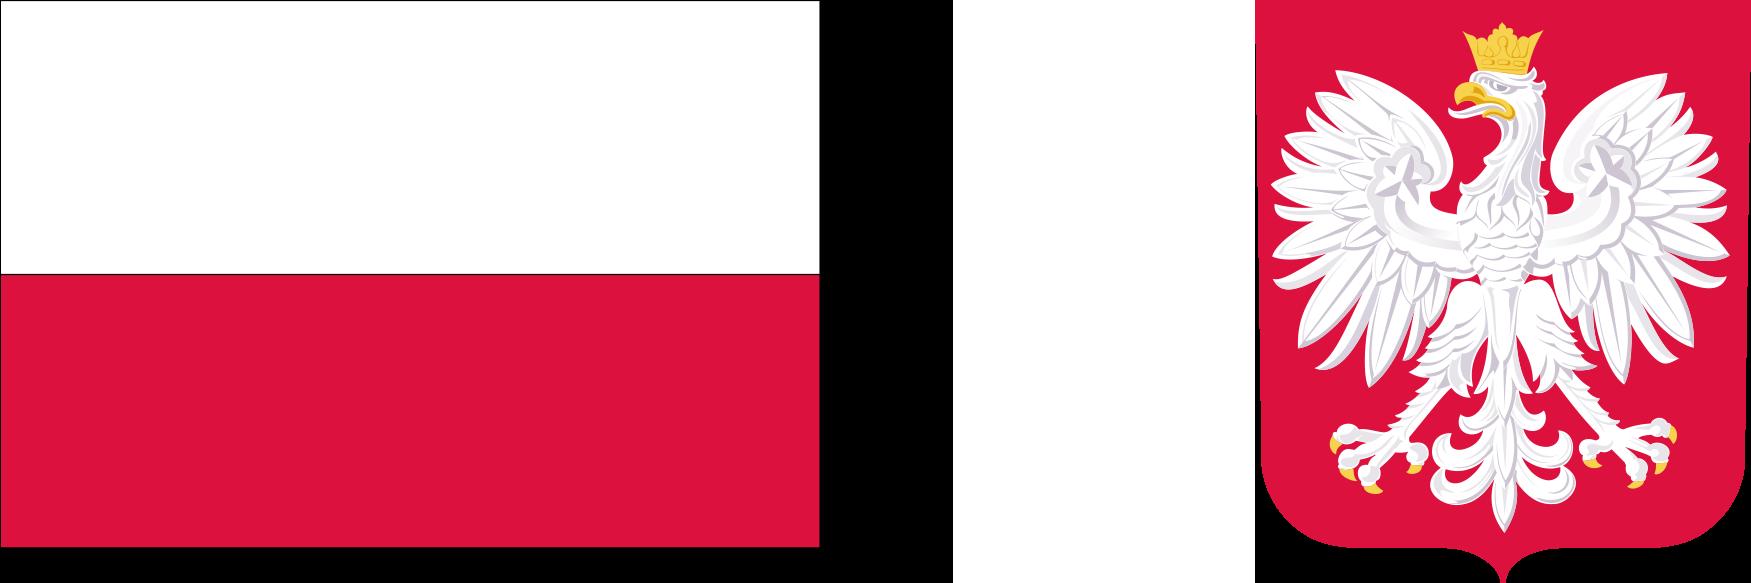 Logotypy zawierające barwy Rzeczypospolitej Polskiej i wizerunek godła Rzeczypospolitej Polskiej